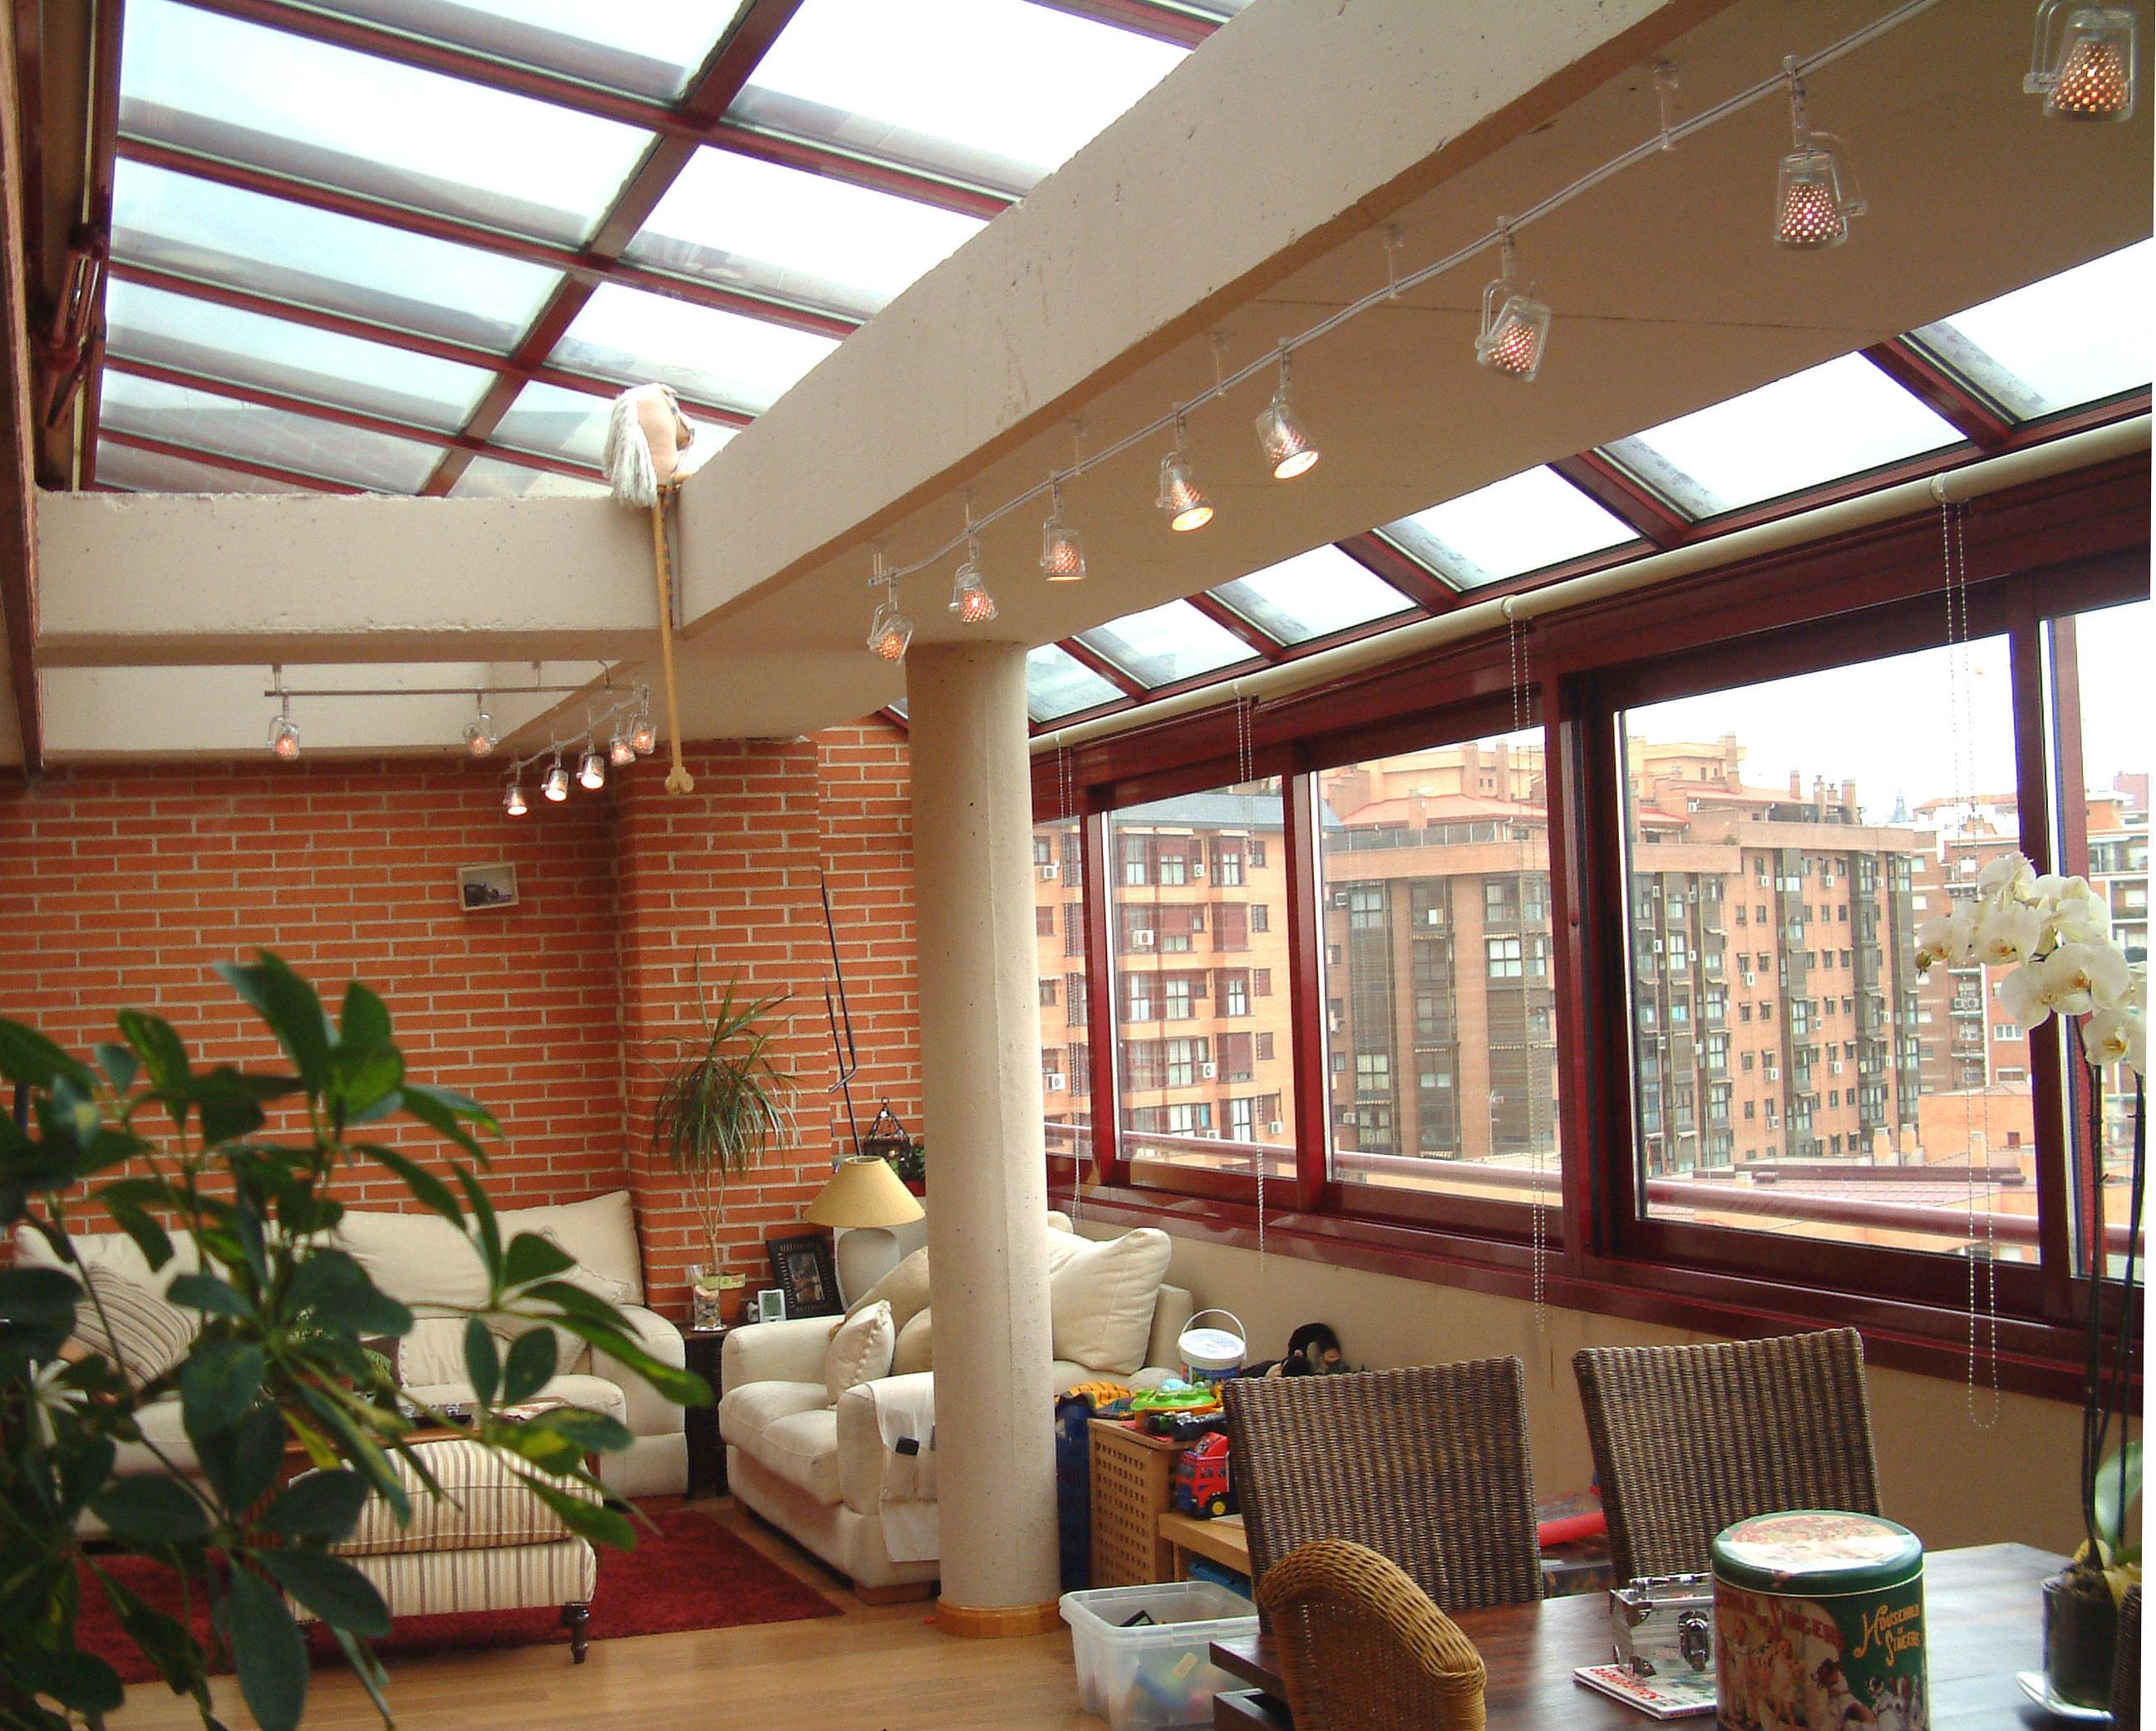 Fraimar aluminios s l techos fijos techos cortinas for Techos moviles para terrazas precios